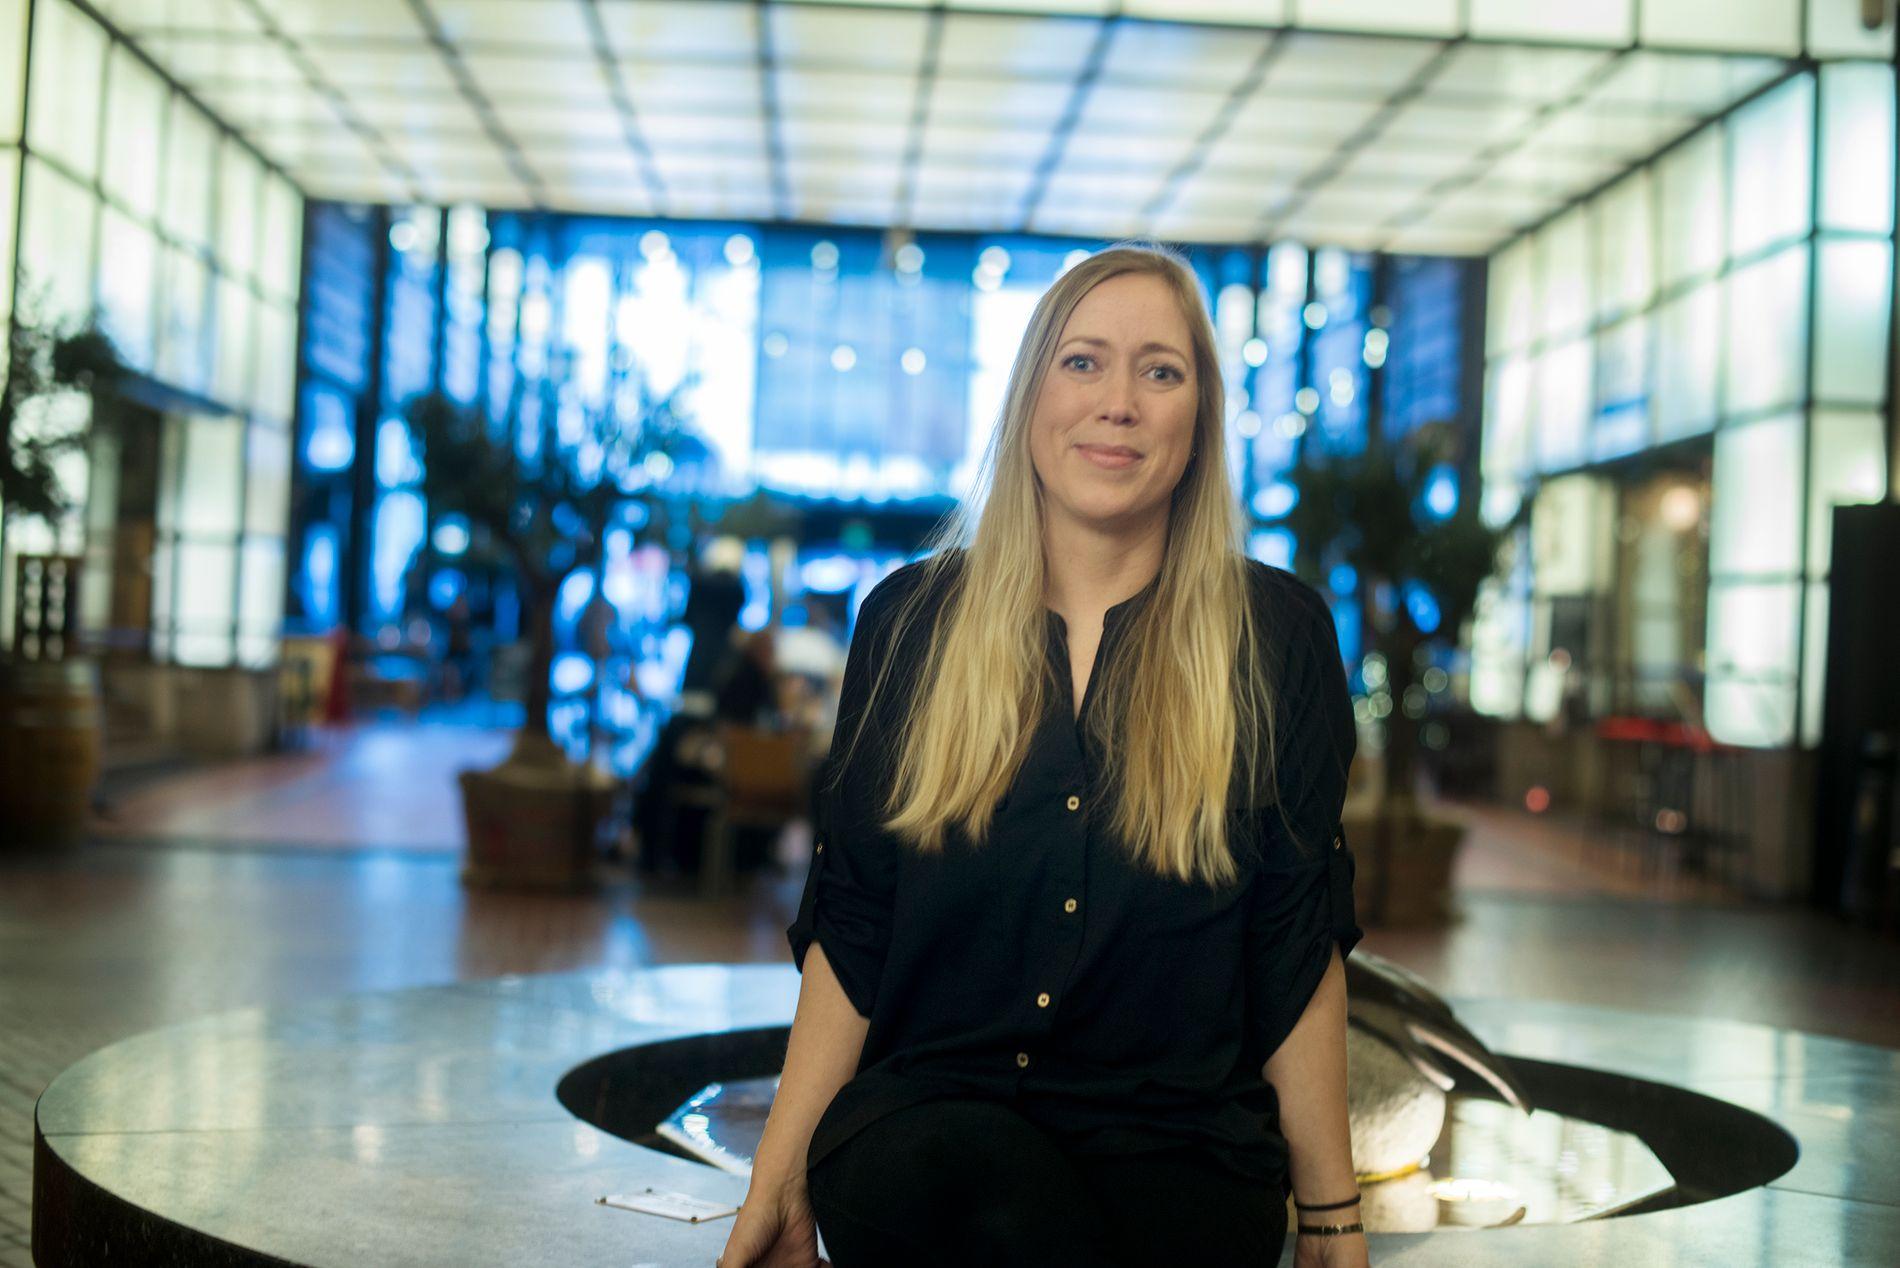 Karen Bøhle Aarhus er meget godt fornøyd med den graden hun tok på BI - i høst fikk hun en ny jobb, godt hjulpet av etterutdannelsen ved høyskolen.